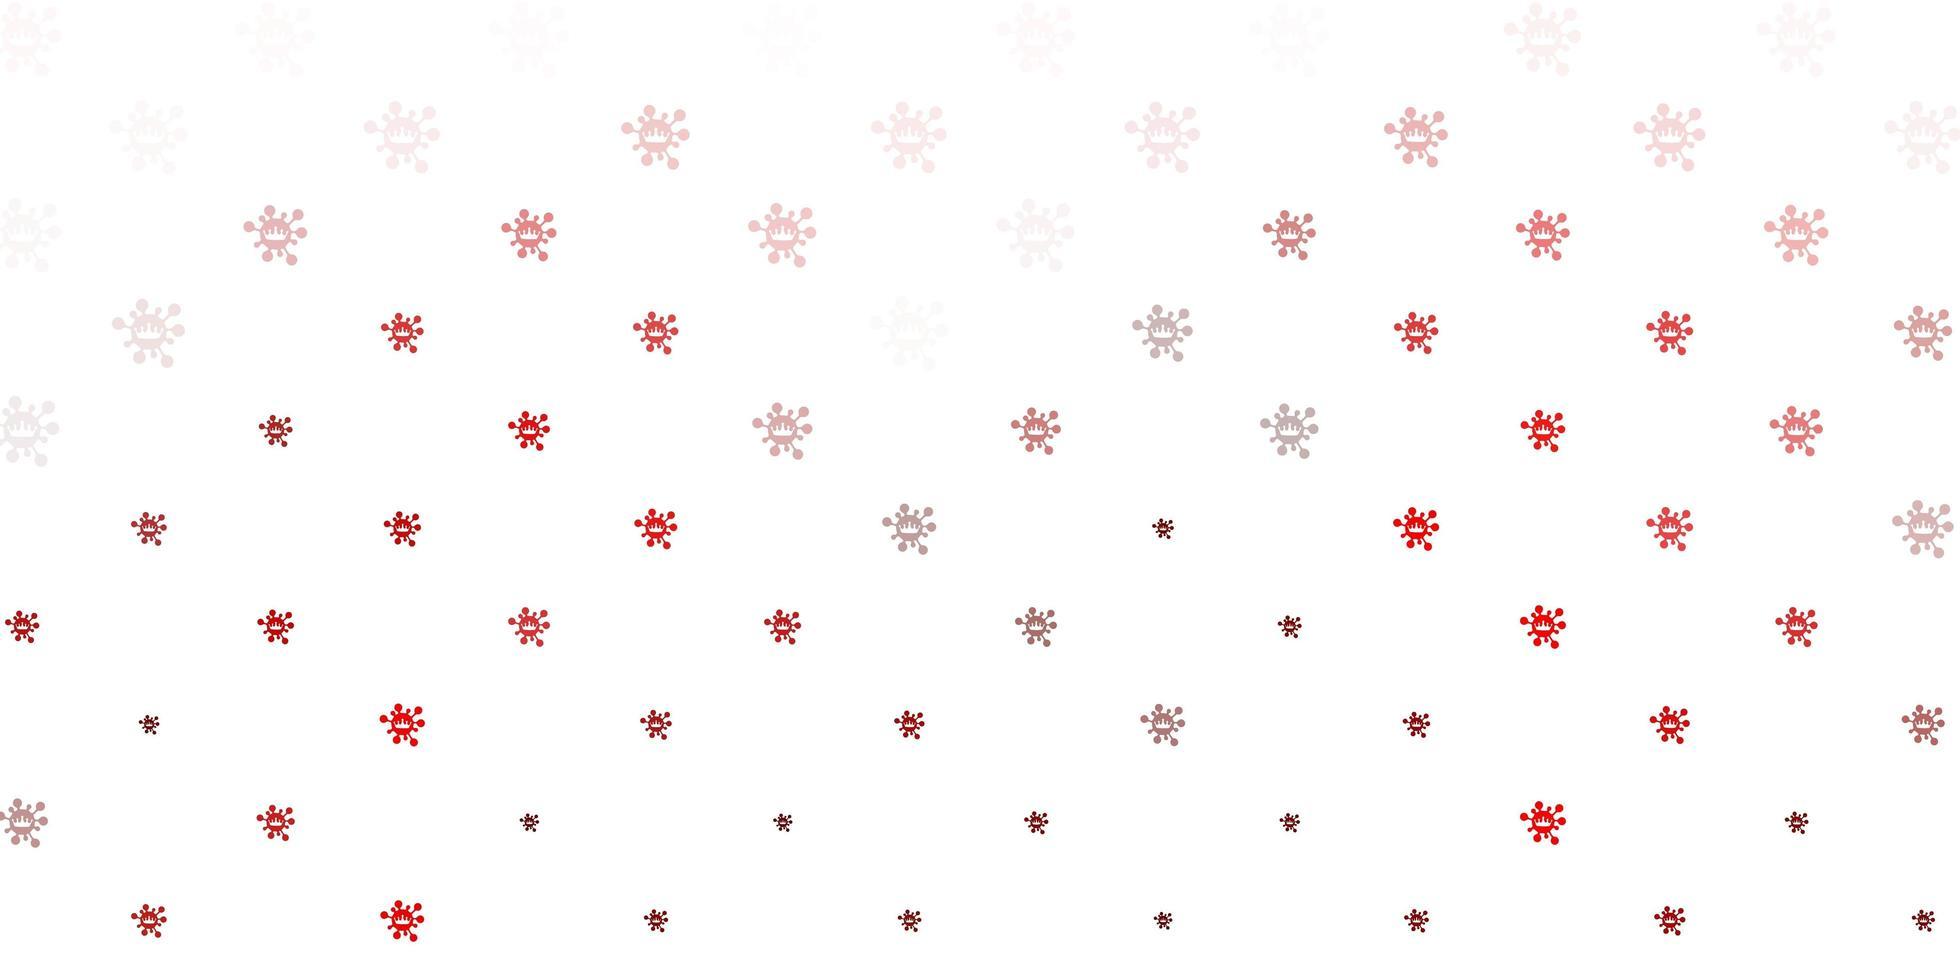 rote Virensymbole auf weißem Hintergrund vektor